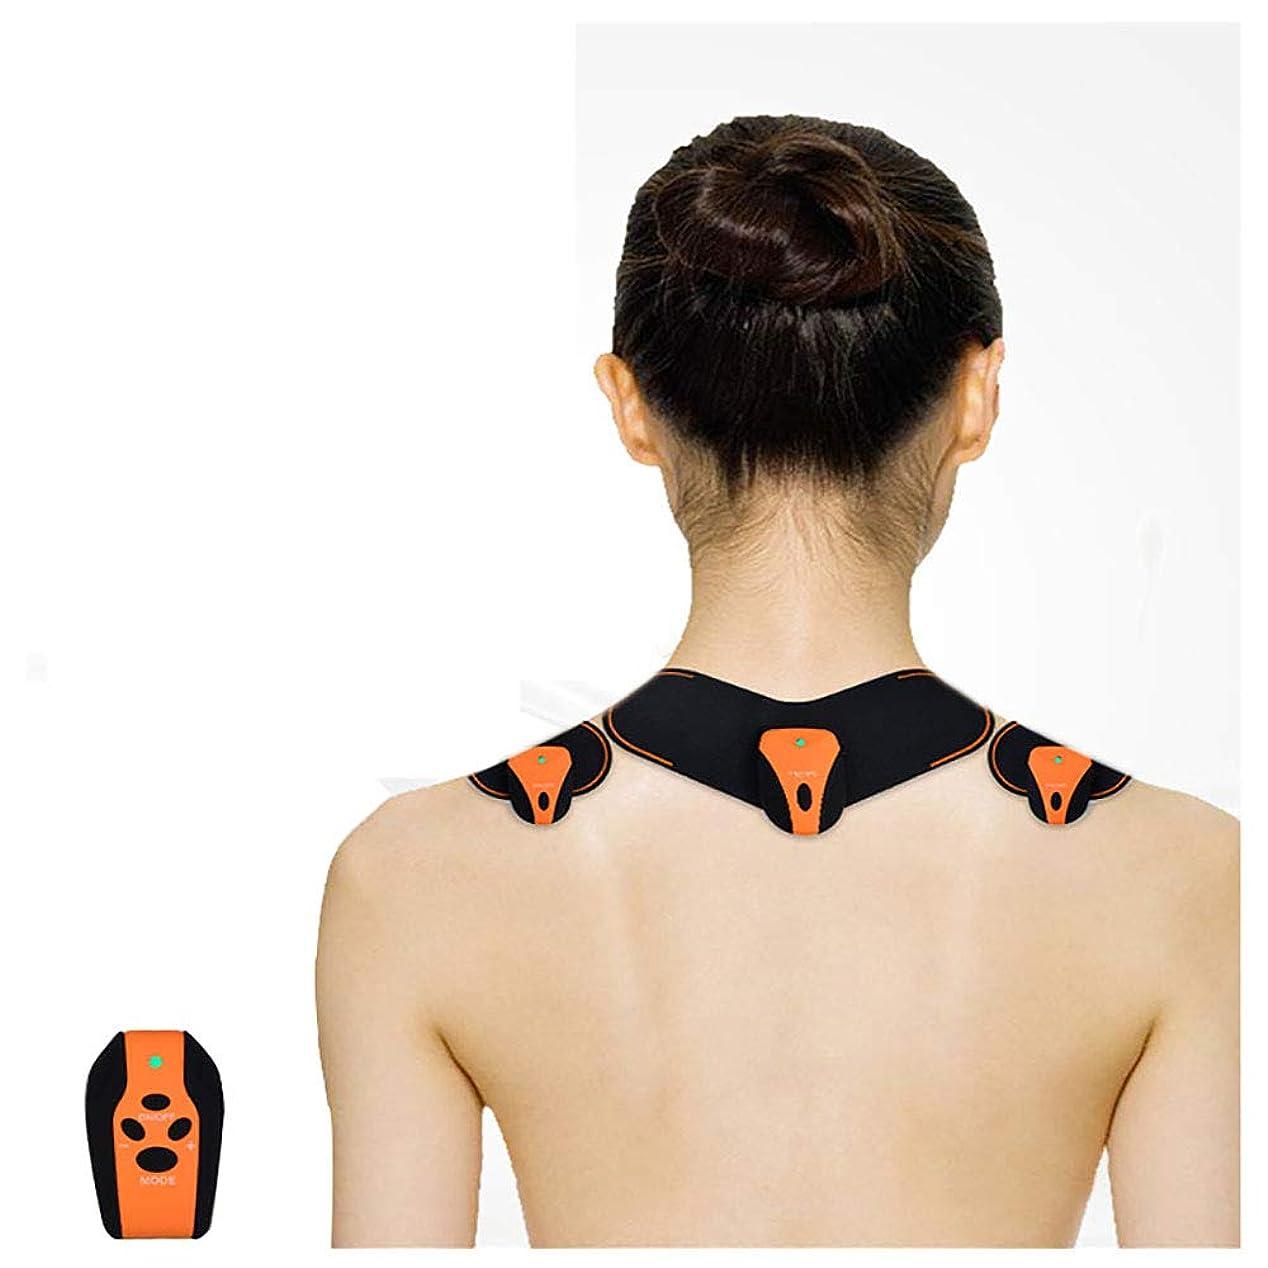 足にやにや祝福する首マッサージャーマッサージステッカーマッサージ 肩 背中 腰 足 ミニマッサージ パッド 腹筋トレーニング筋肉なだめるような神経充電式USB